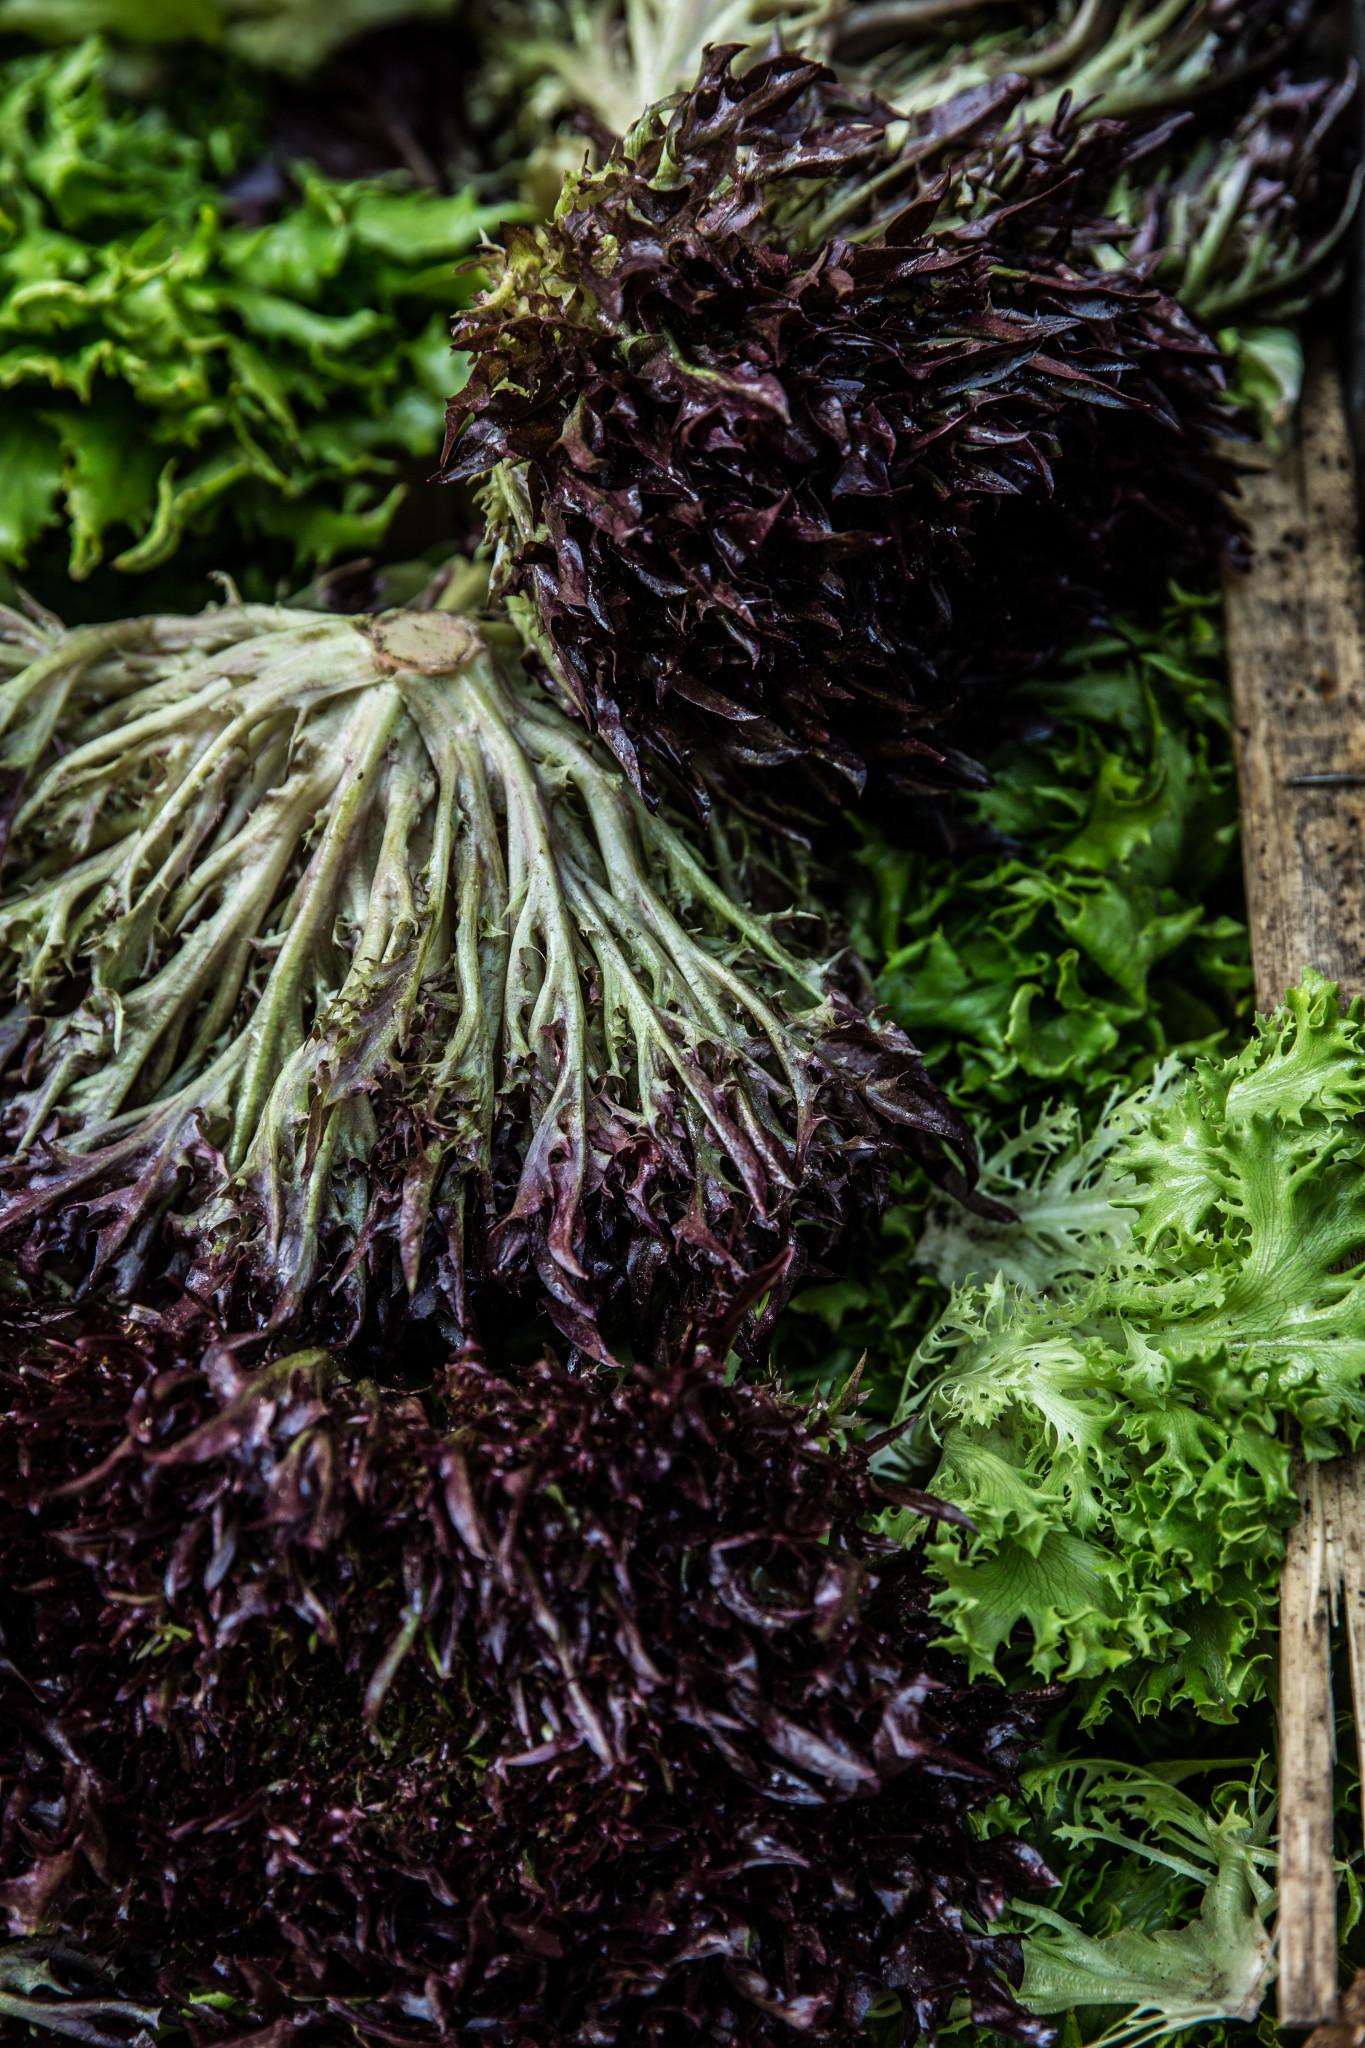 Marché montbrison salade frisée (1 sur 1)